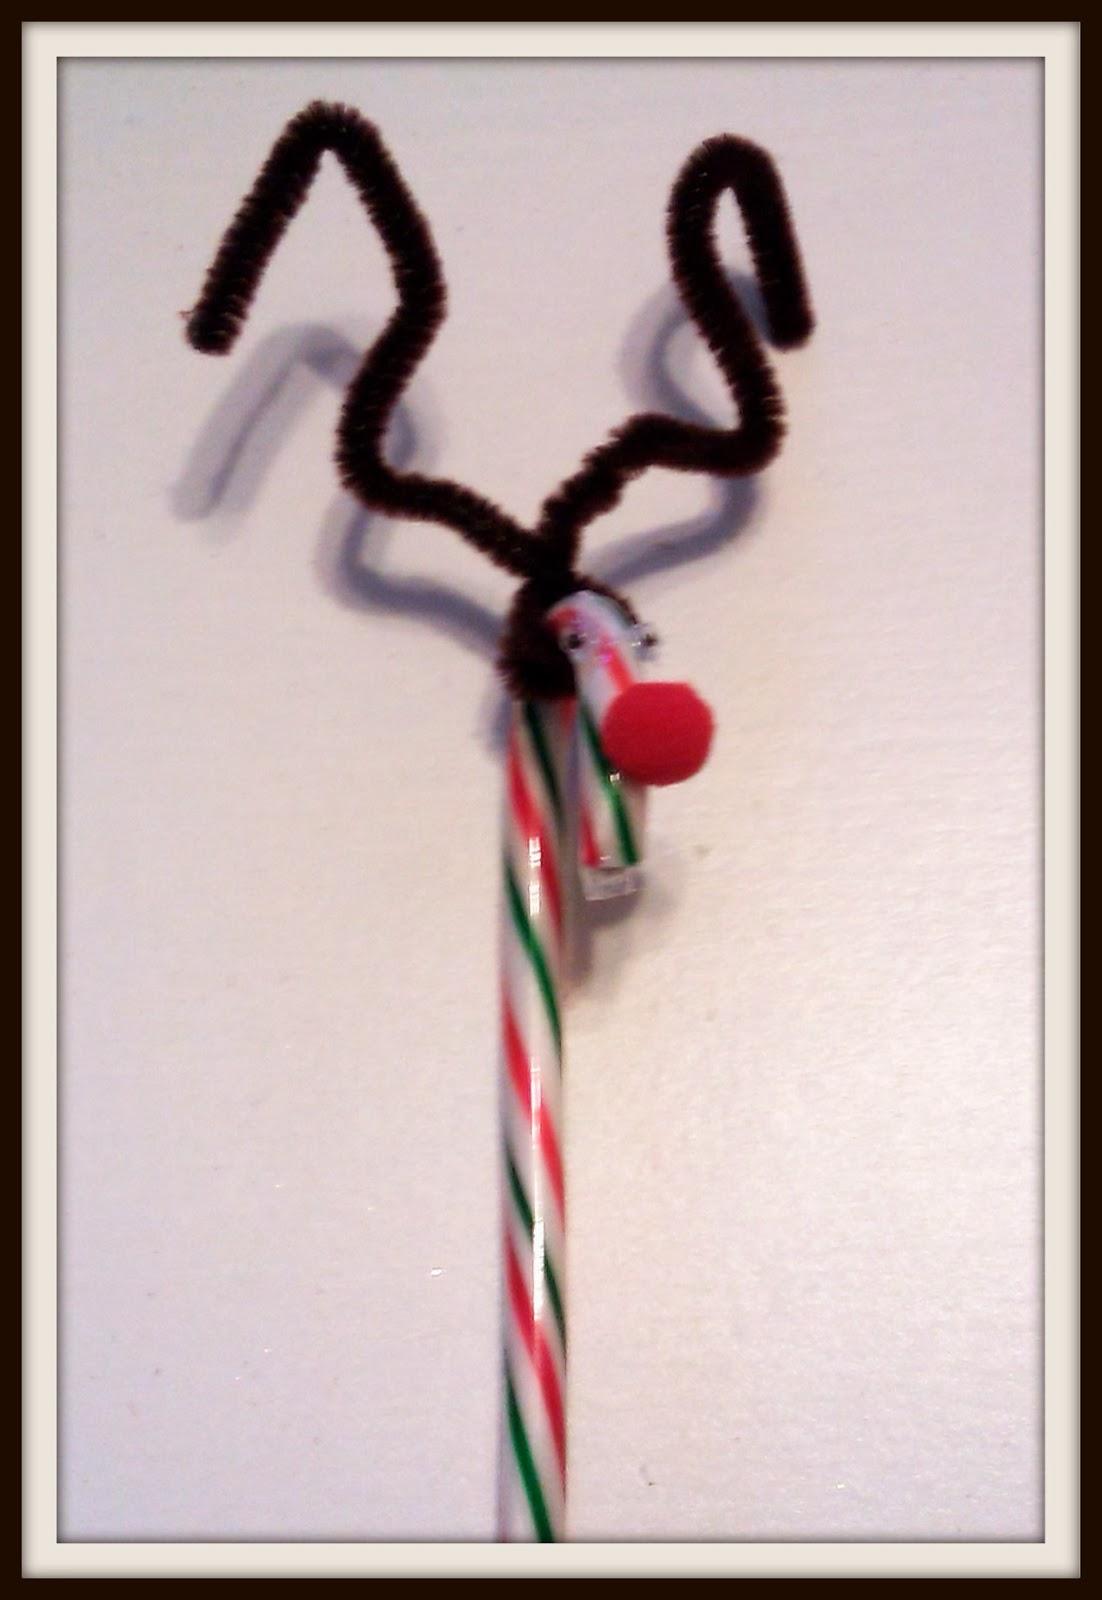 Real reindeer antlers side view - photo#10